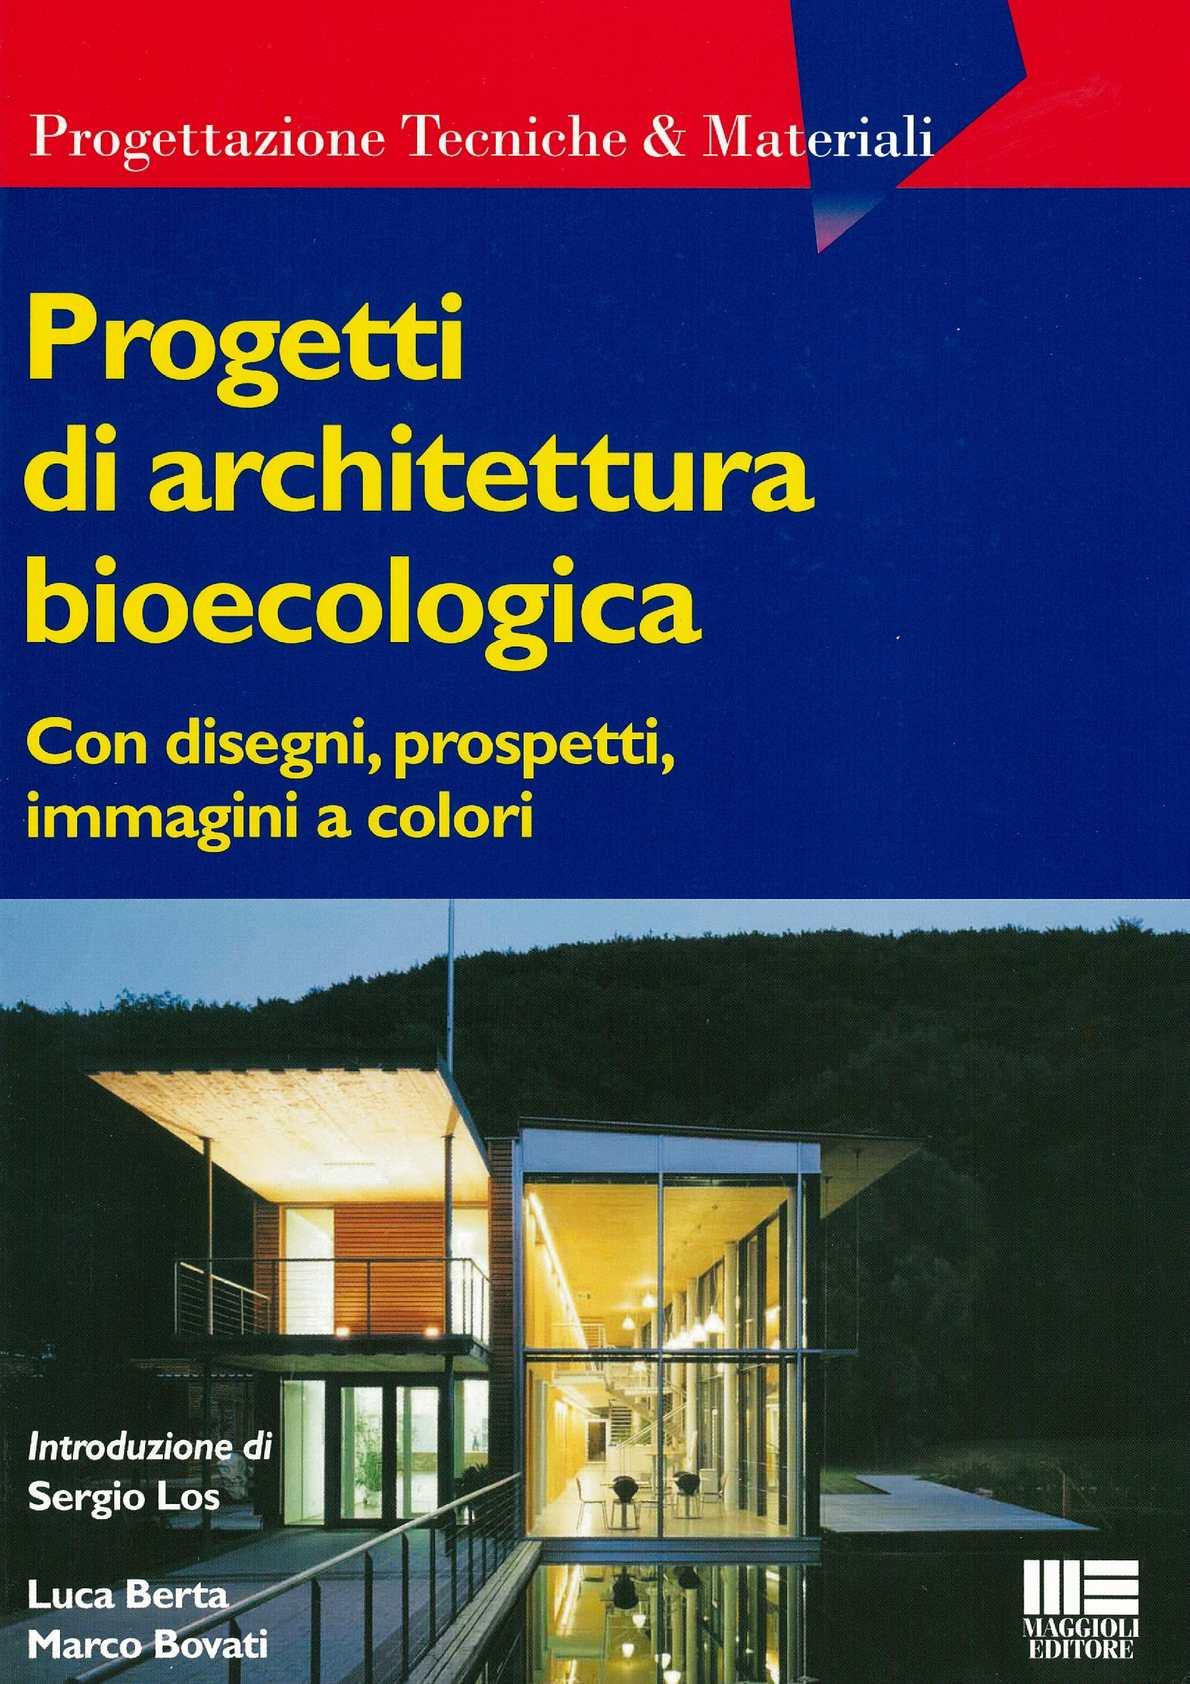 PROGETTI DI ARCHITETTURA BIOECOLOGICA